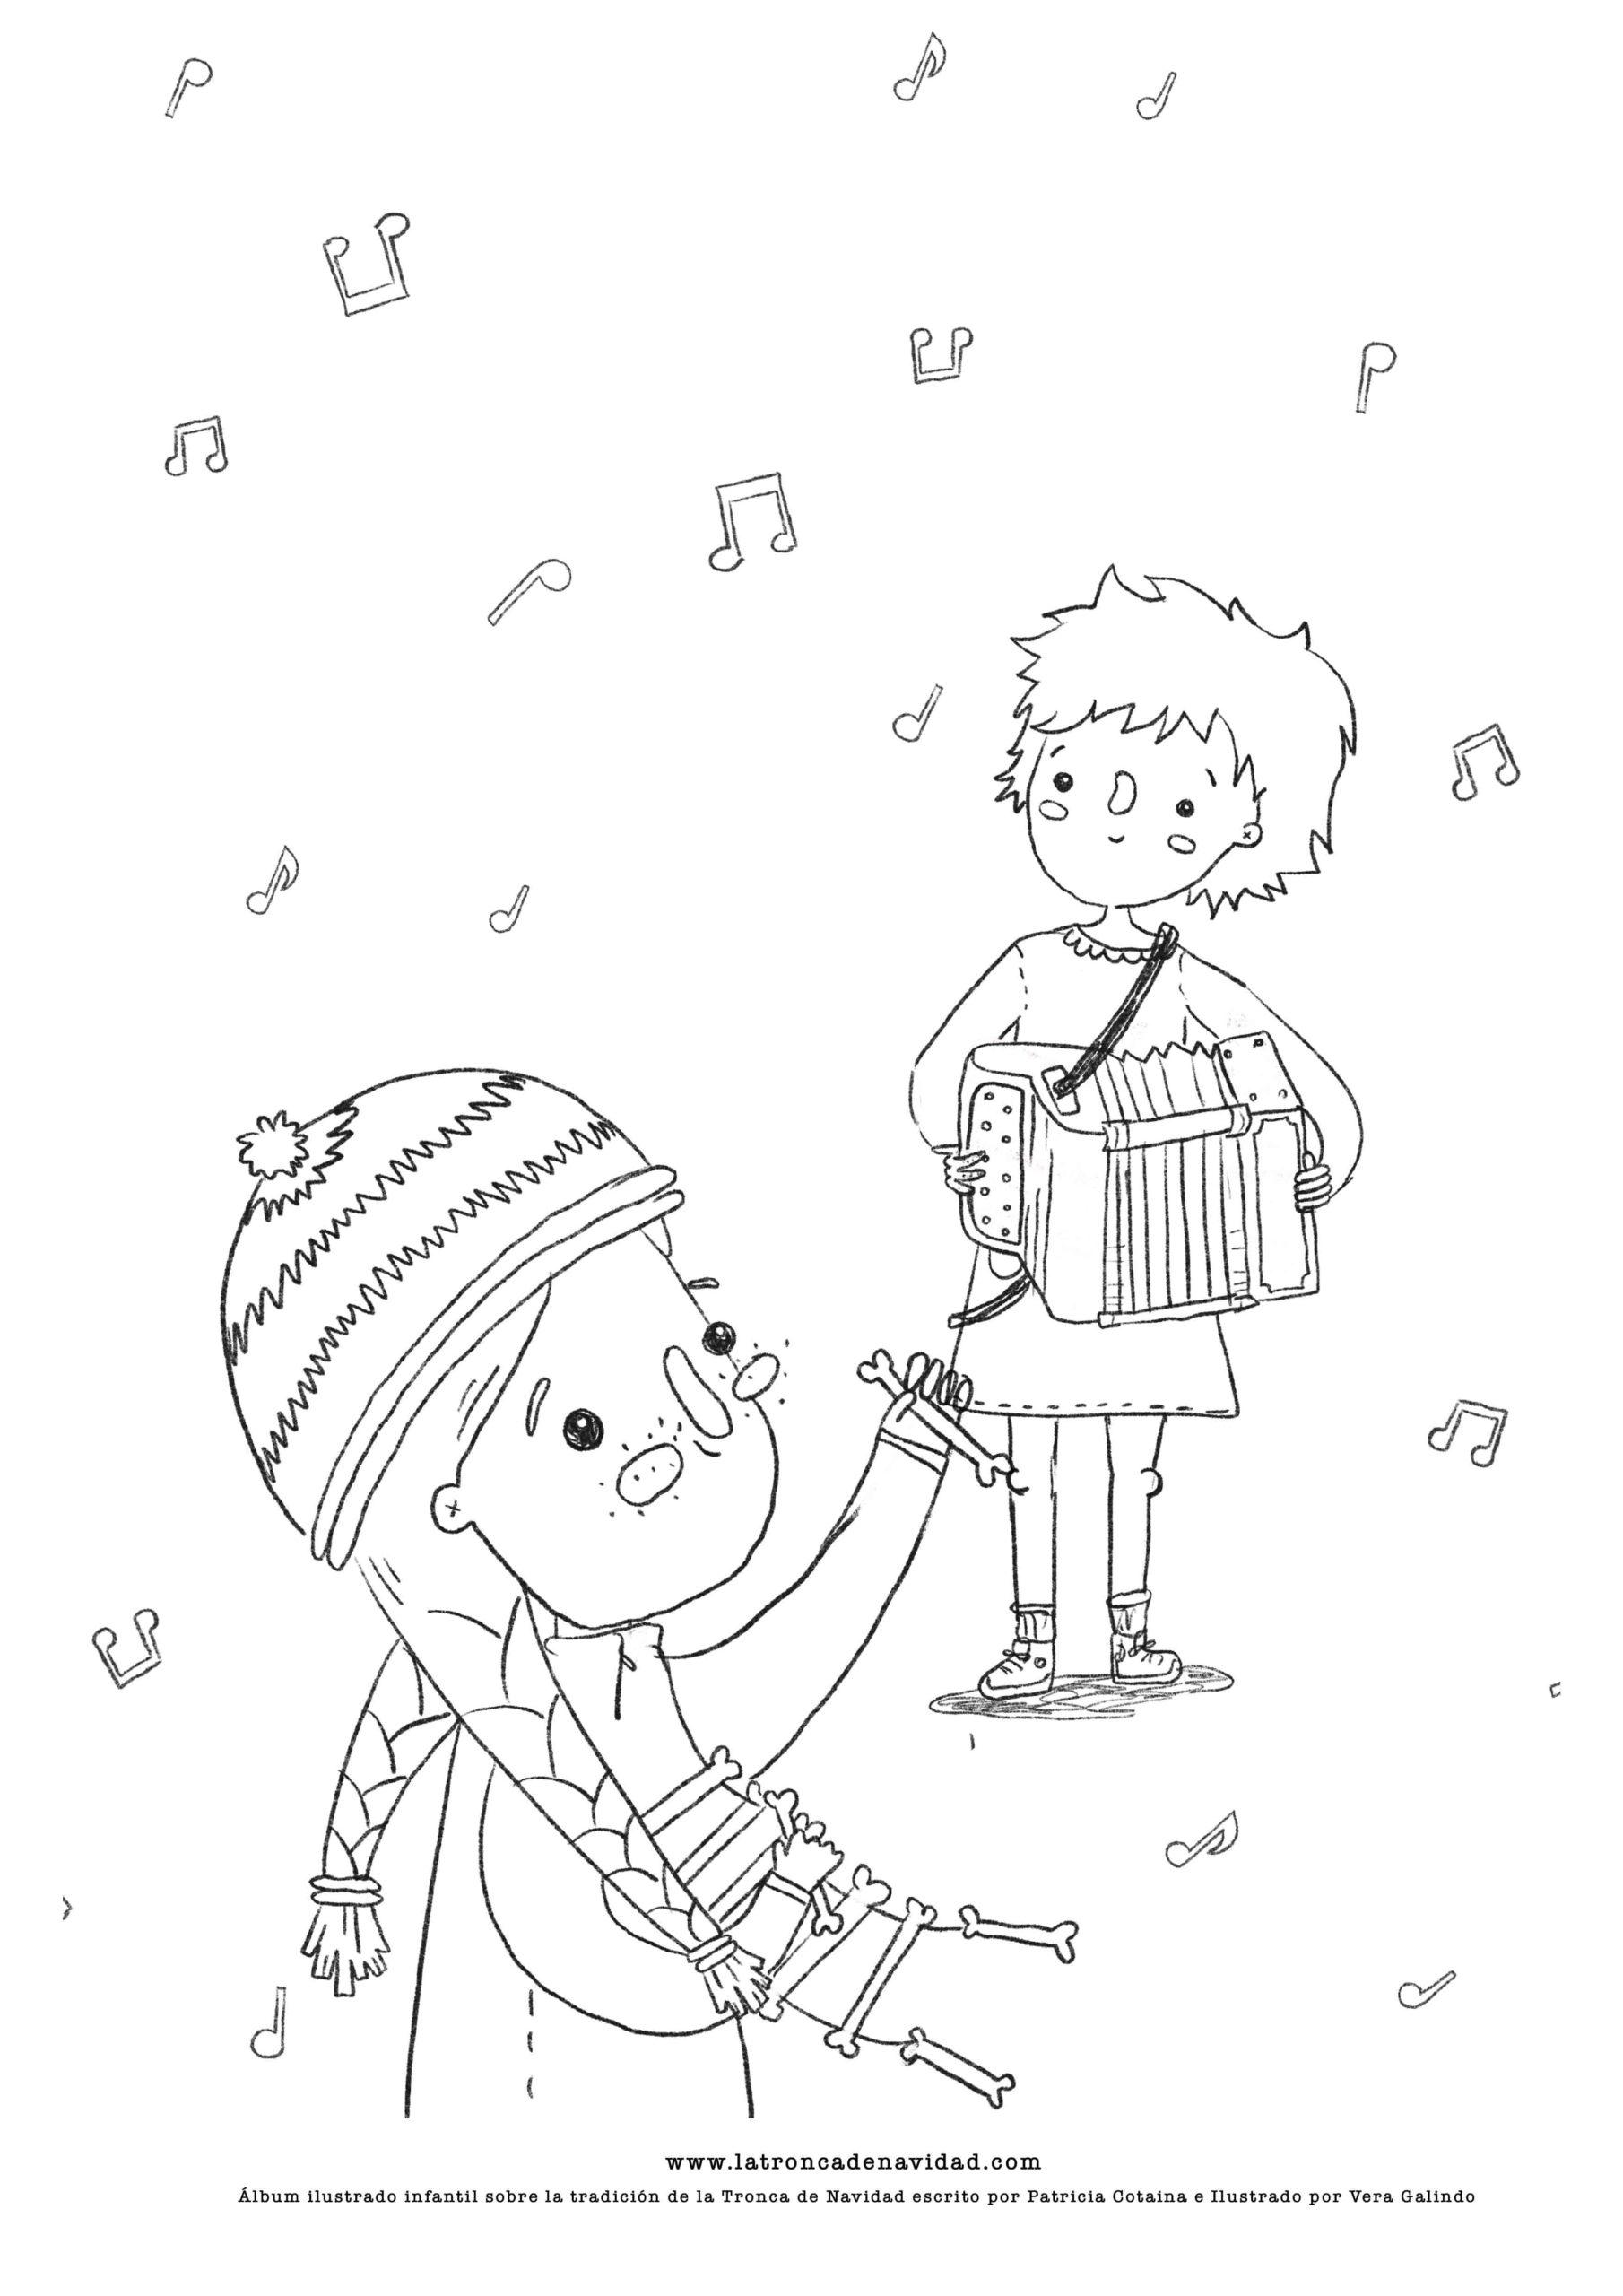 Lámina para colorear de La Tronca de Navidad - Escrito por Patricia Cotaina e Ilustrado por Vera Galindo